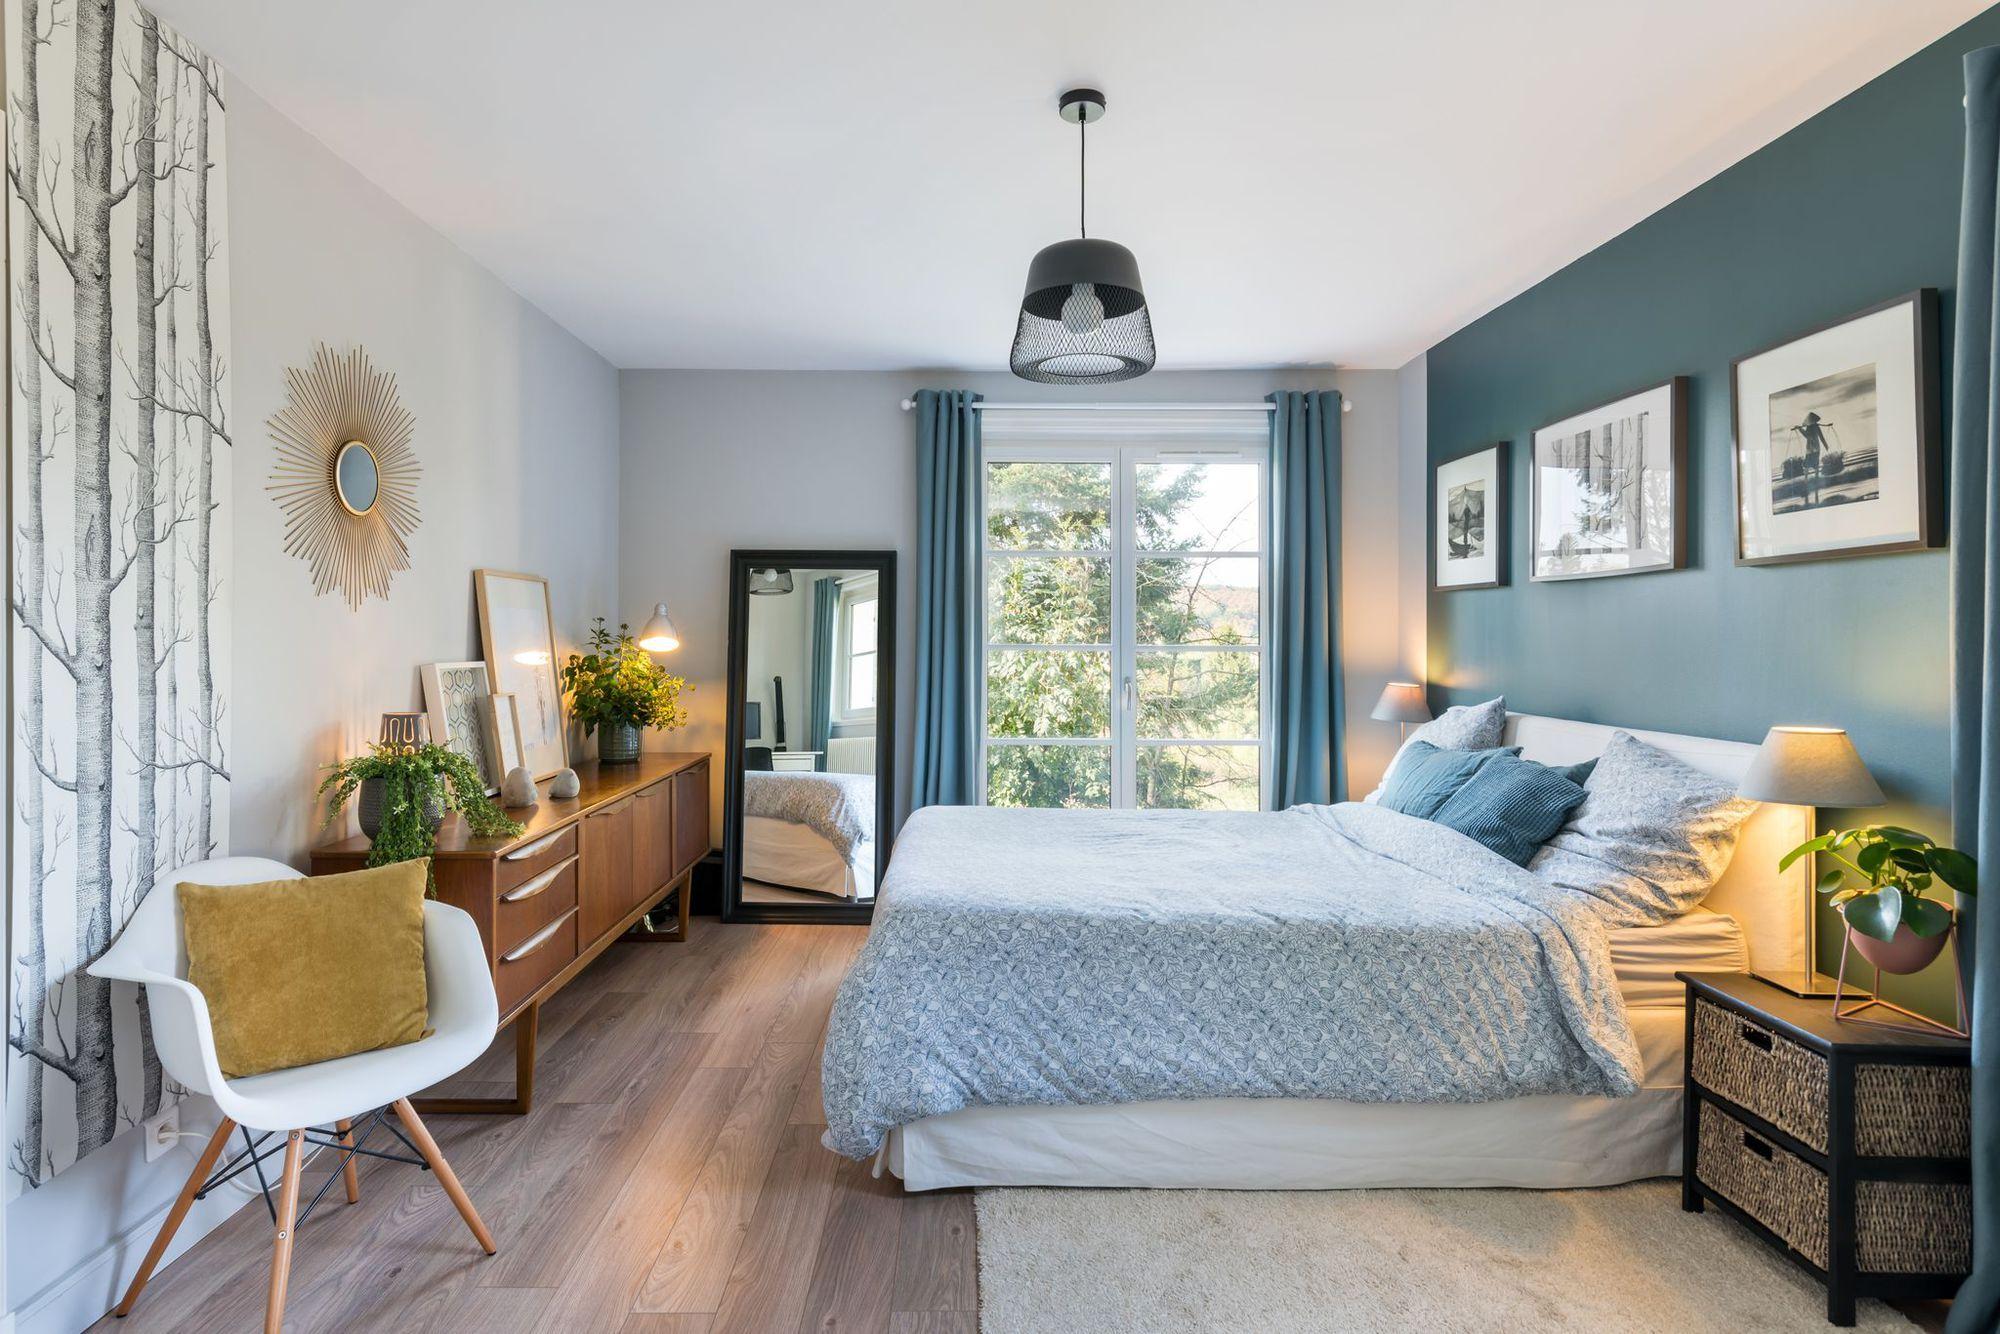 Maison Lyon : rénovation de 120 m2 pour une famille #chambreparentale